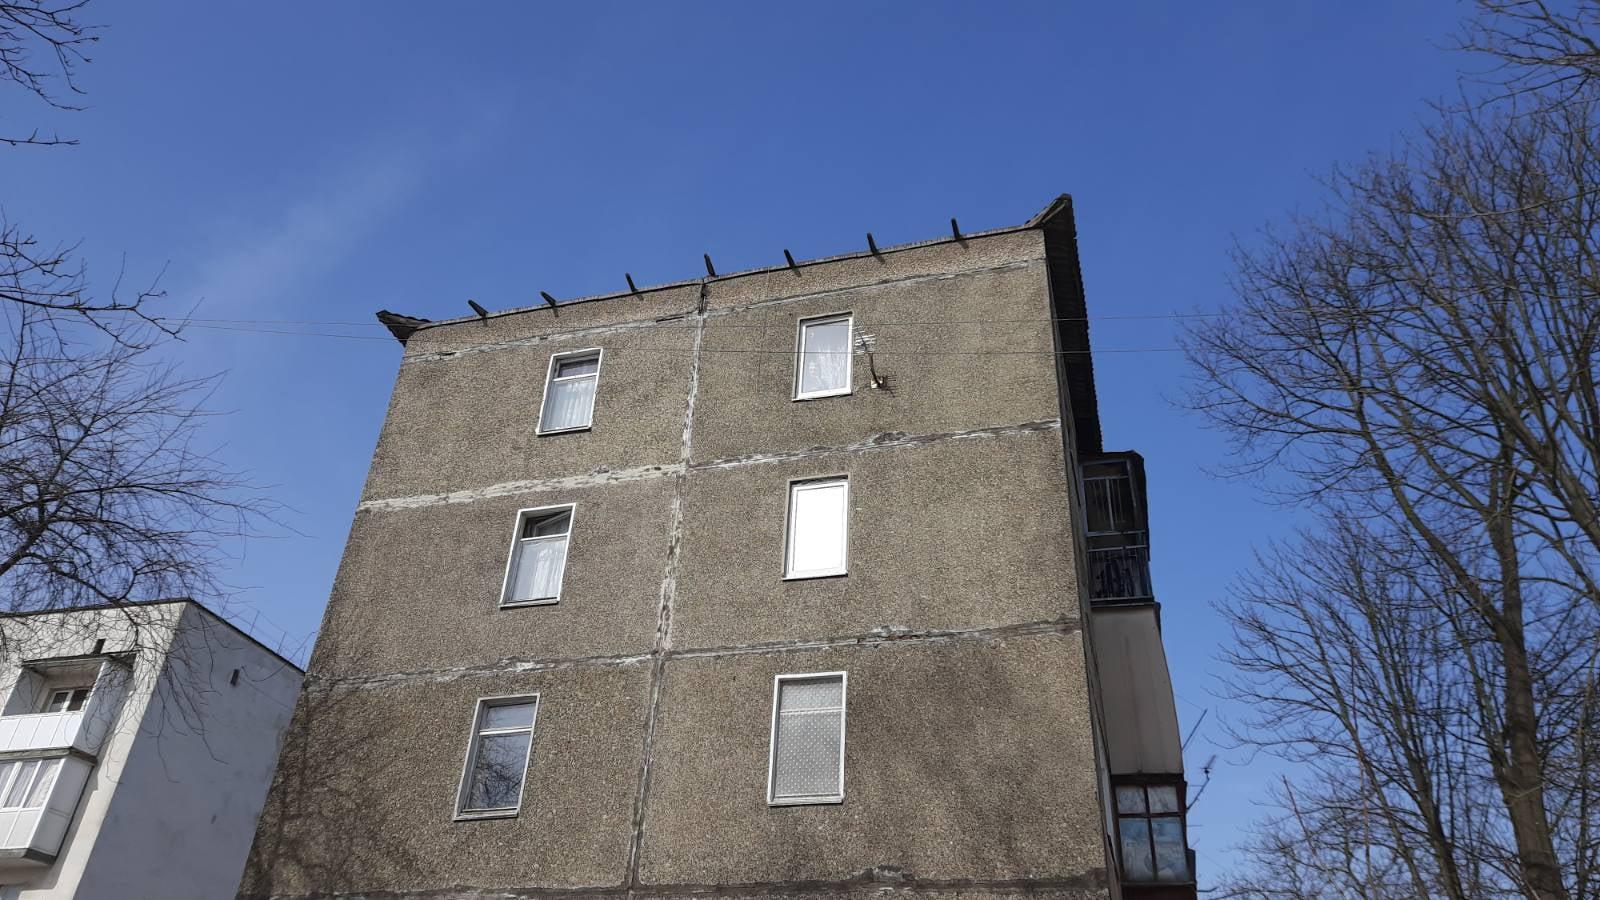 Сніг обвалив дах багатоповерхівки у Бурштині (ФОТО)